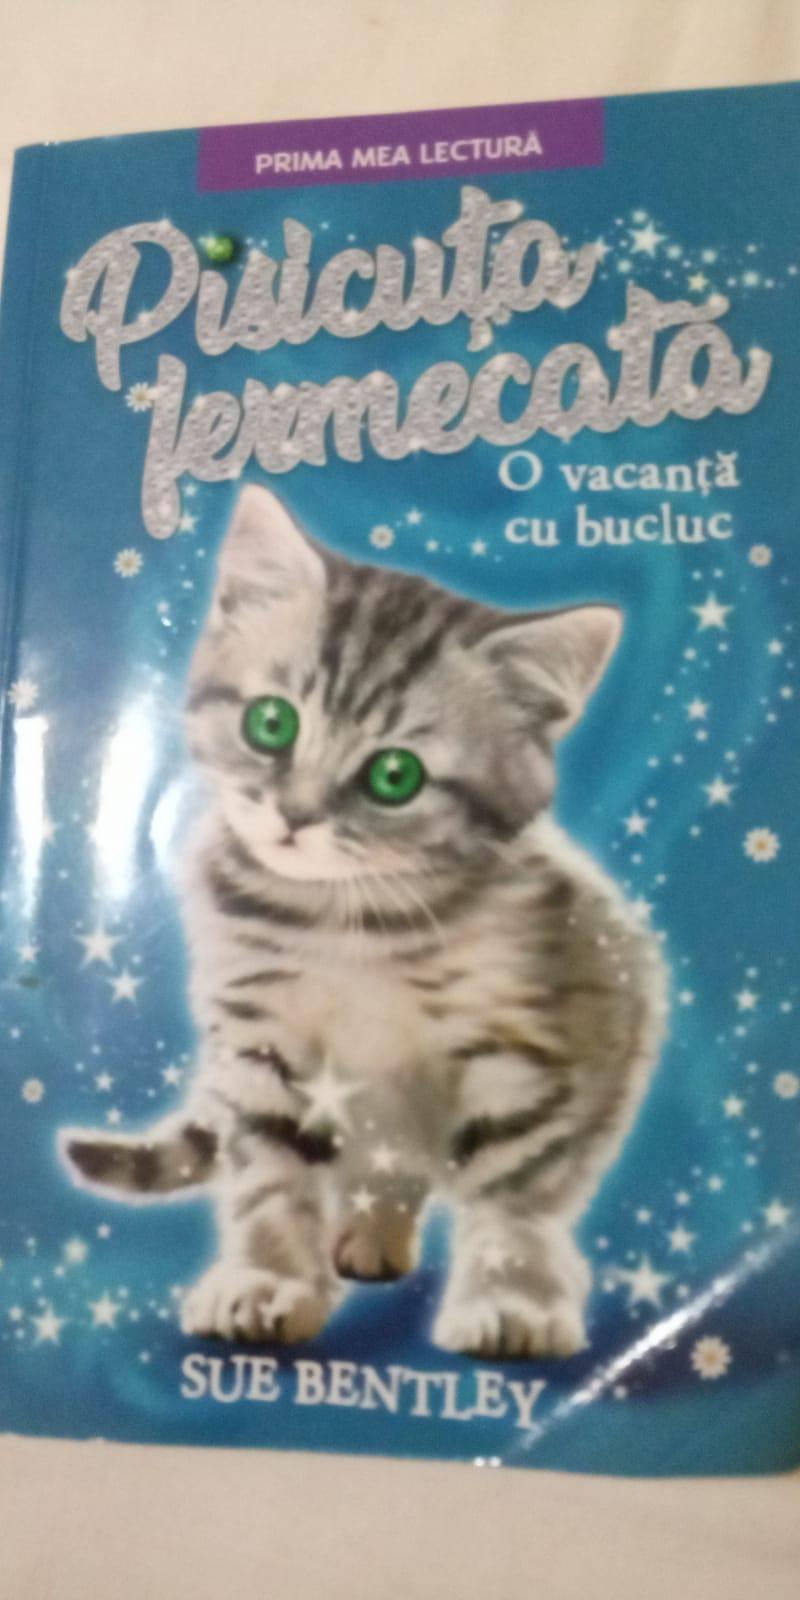 Pisicuța fermecată  – O vacanta cu bucluc